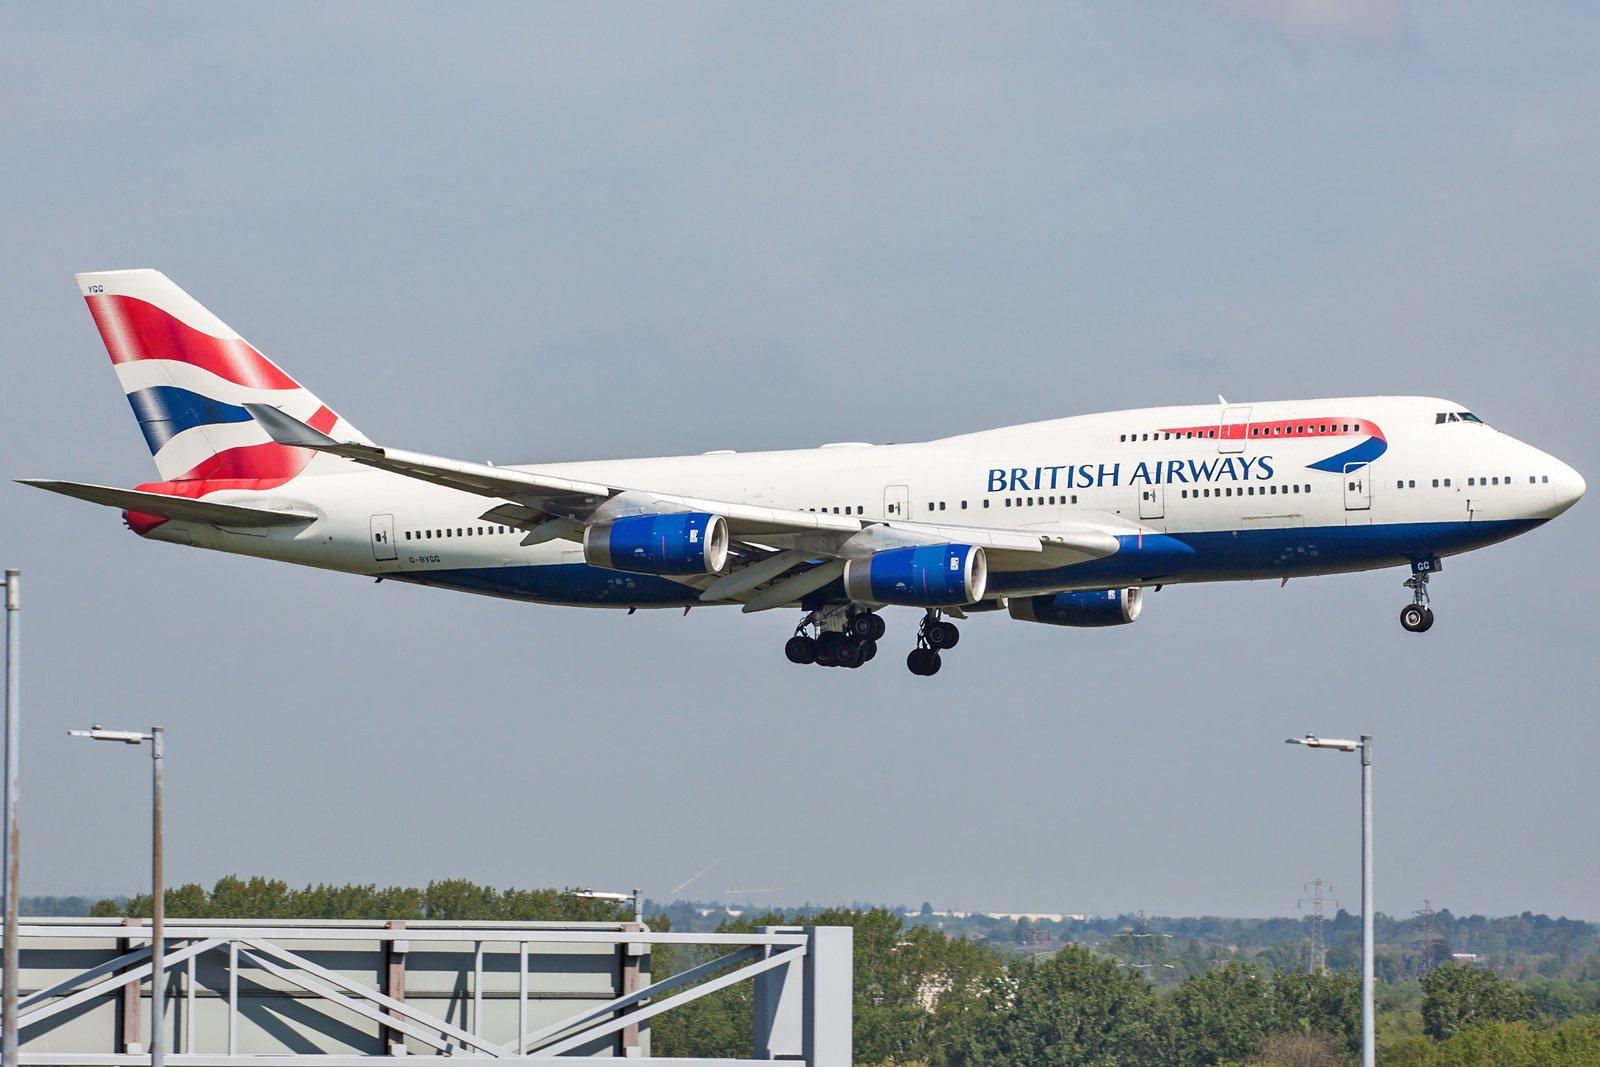 British Airways Boeing 747-436 G-BYGG